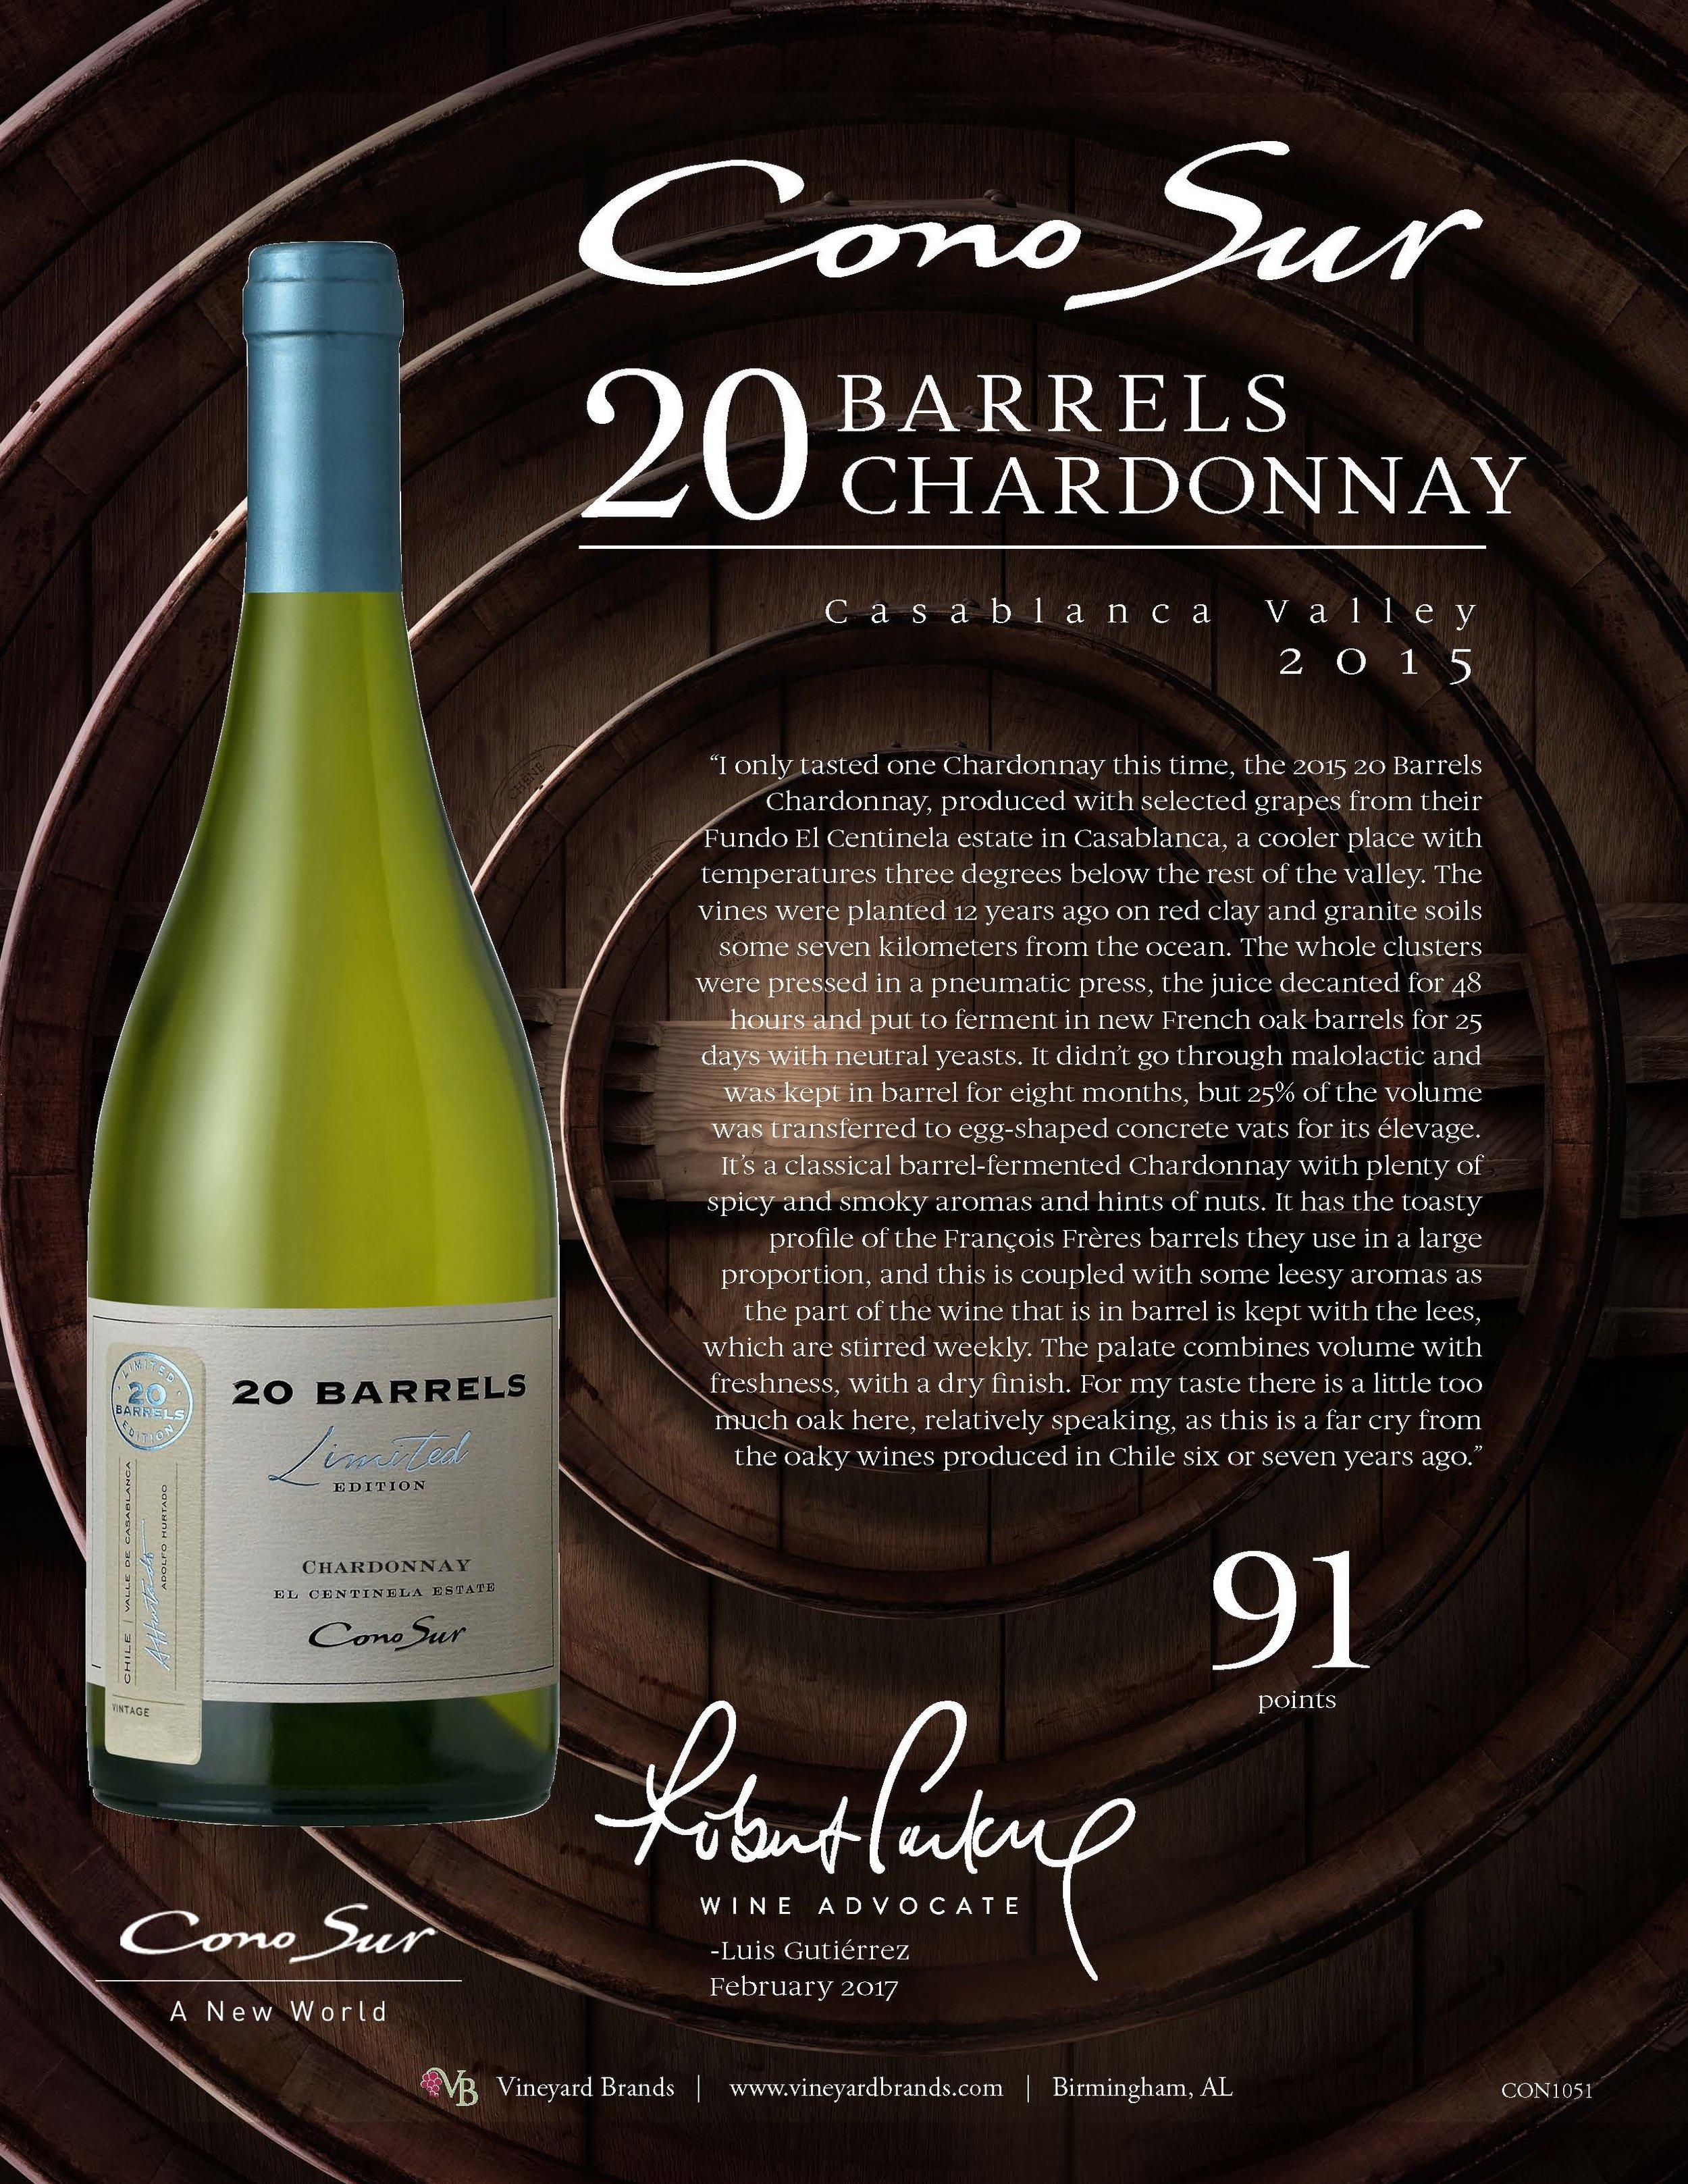 Cono Sur 20 Barrels Chardonnay 2015.jpg